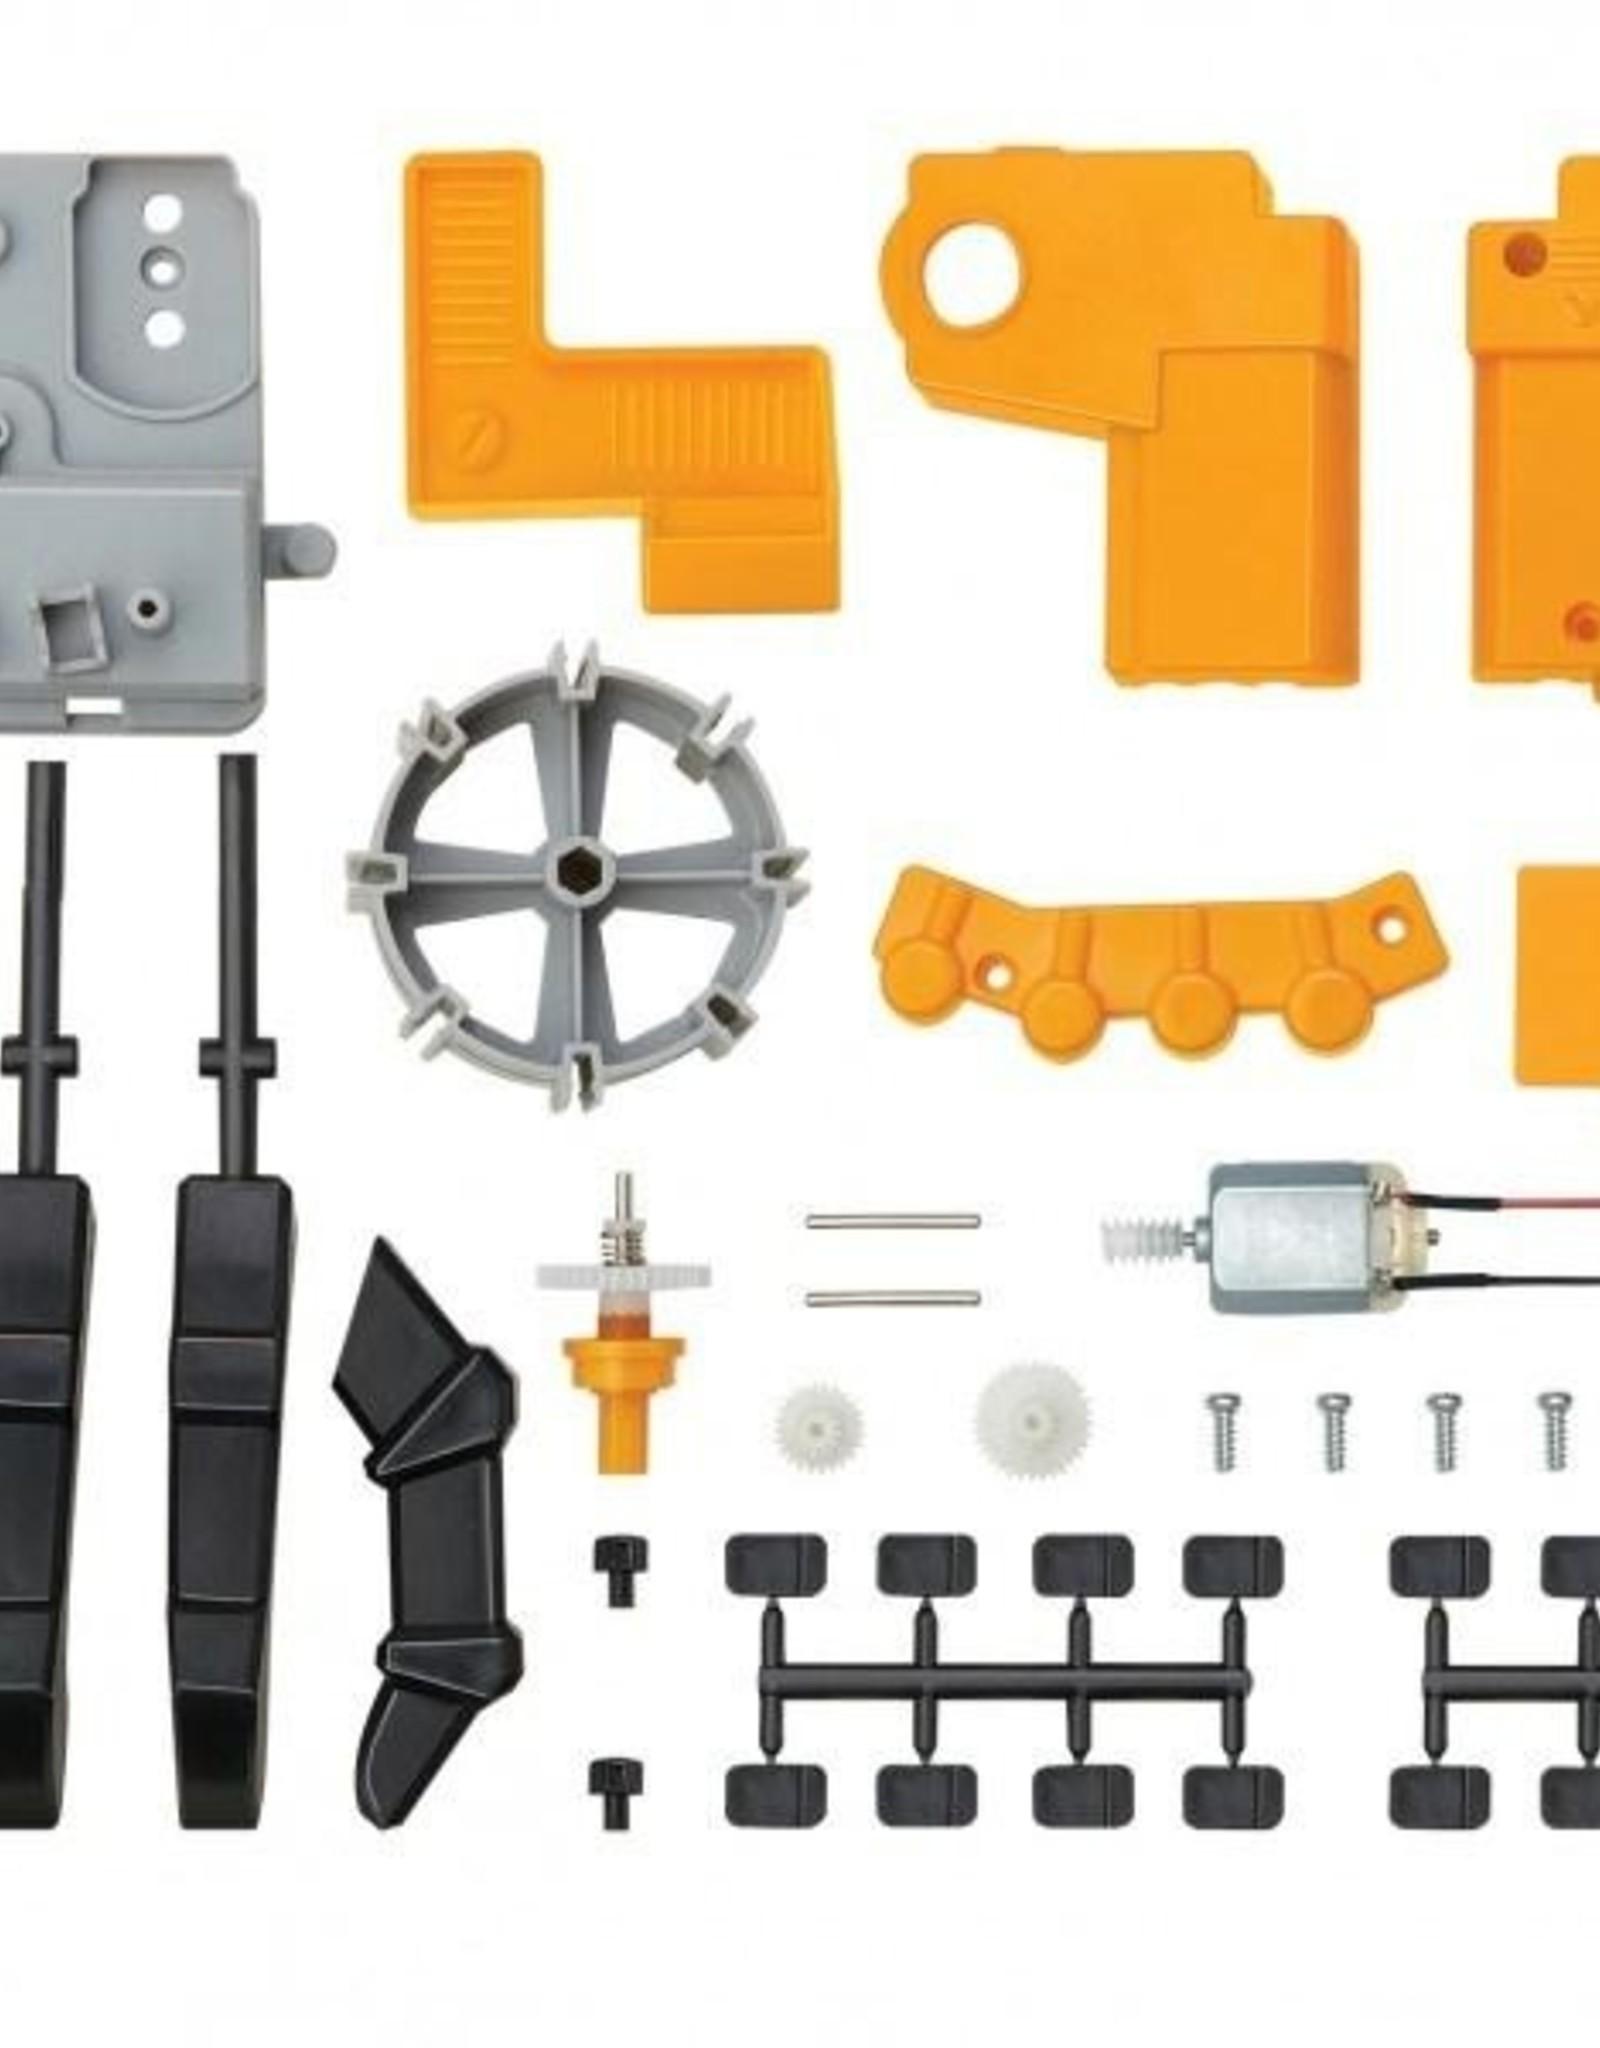 4M 4M KidzRobotix - Motorised Robot Hand